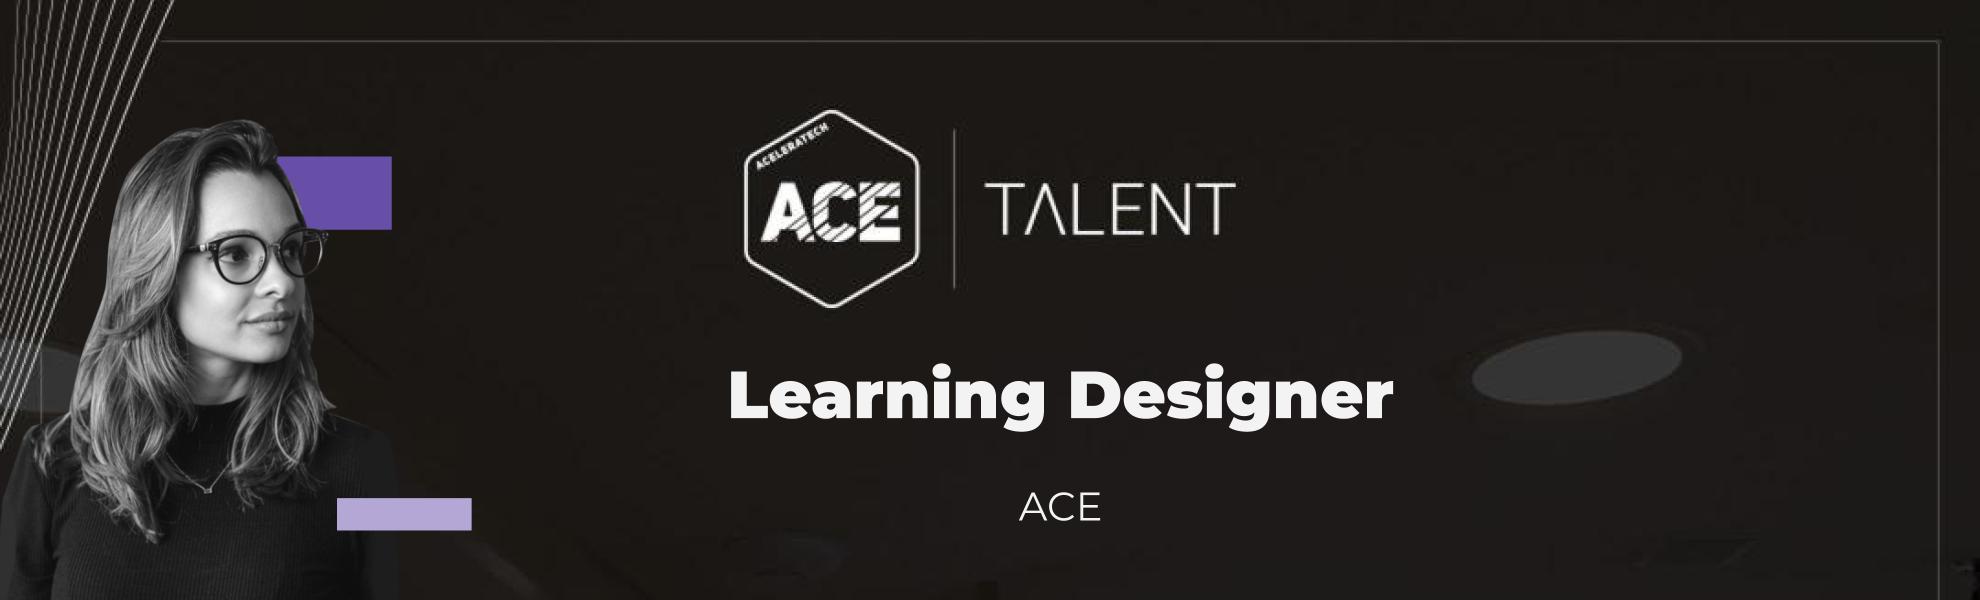 Learning Designer